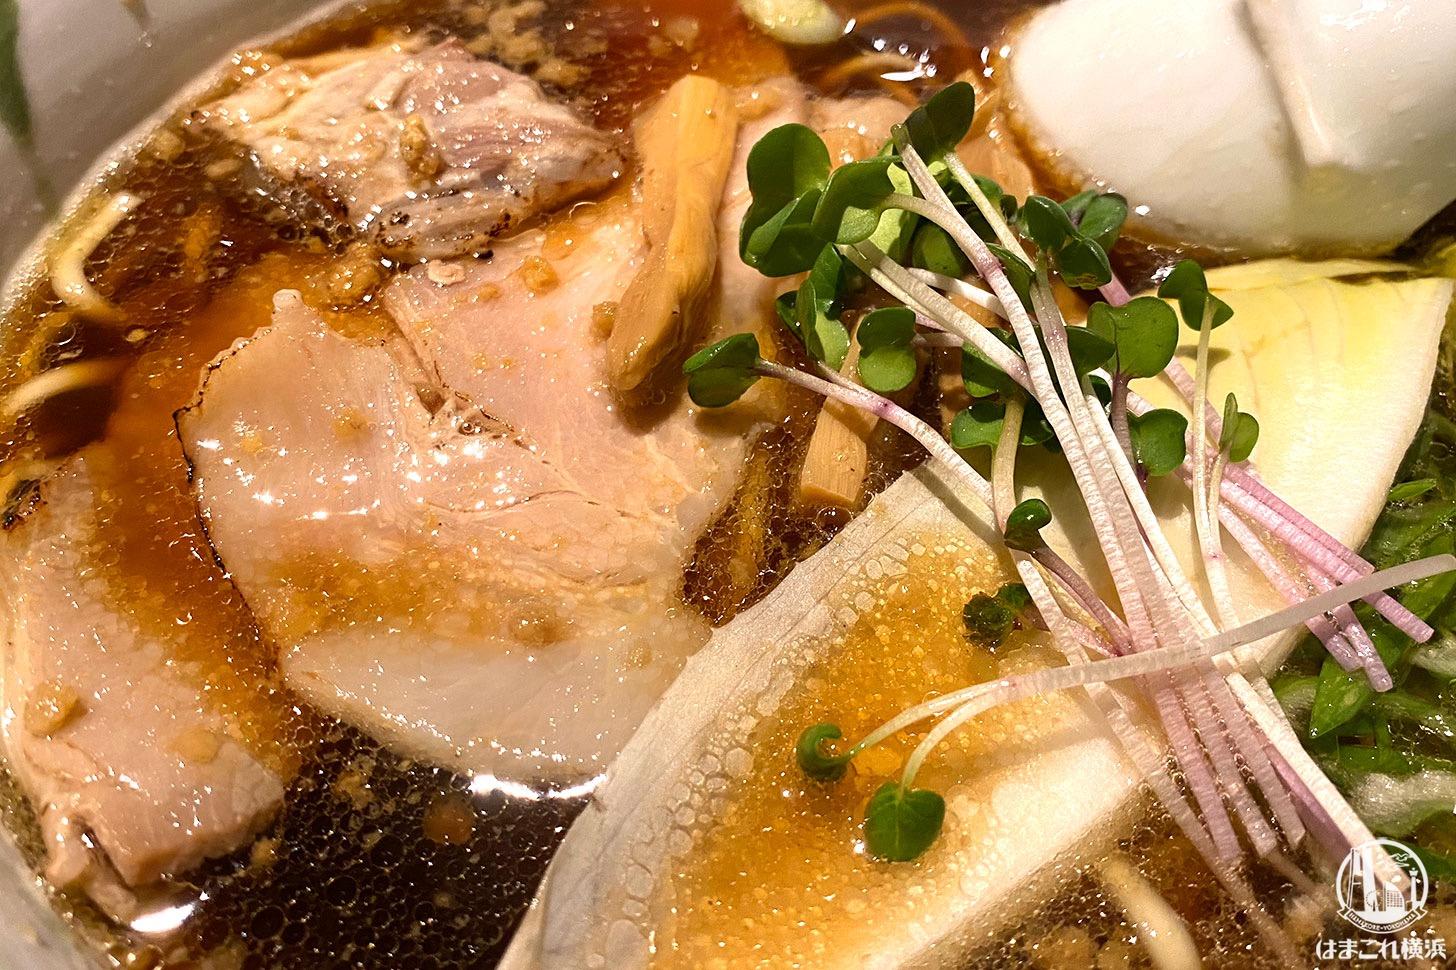 横浜・弘明寺「ロ麺ズ」醤油ラーメン トッピング